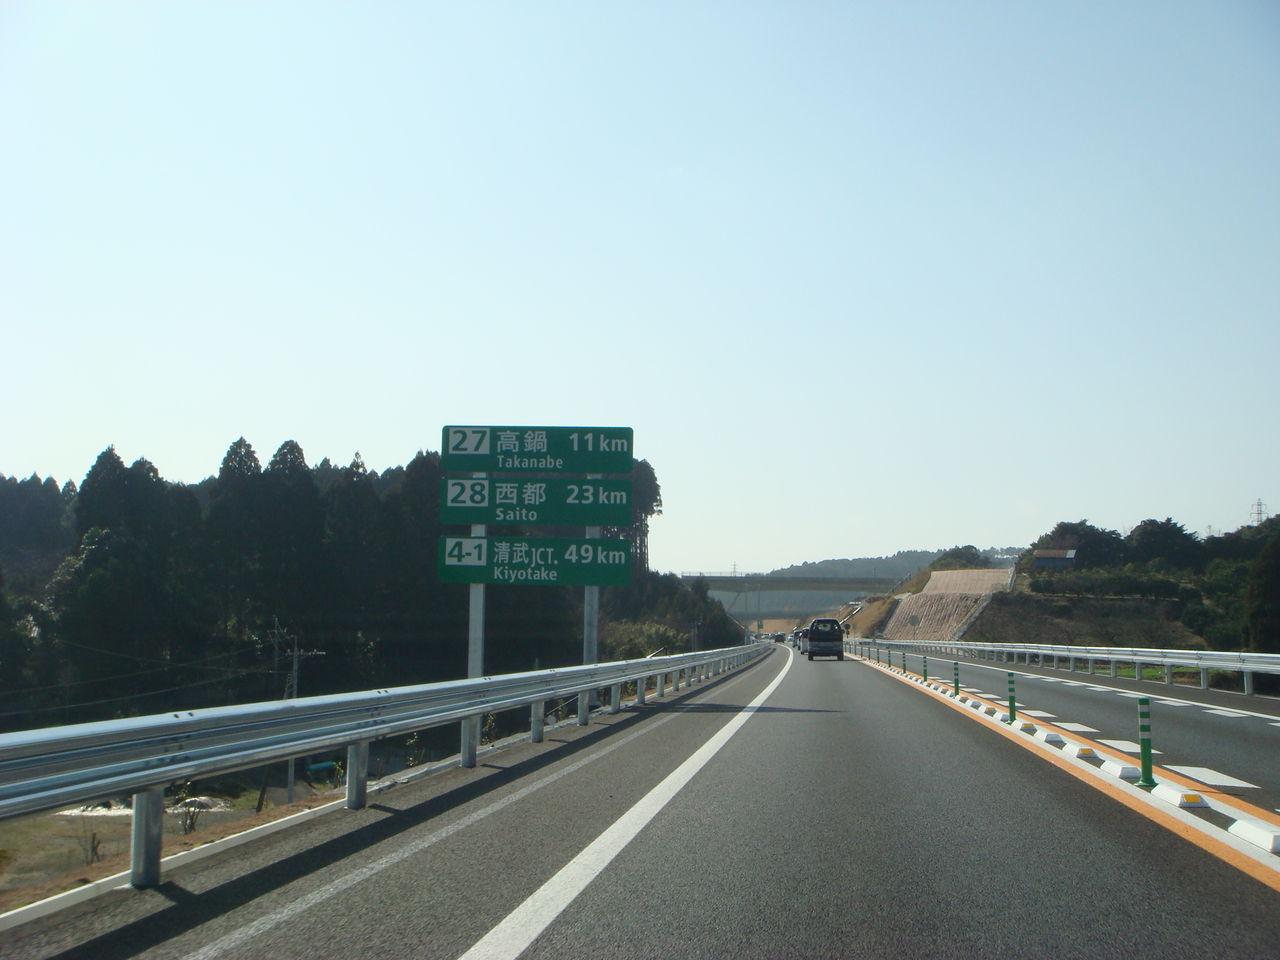 東九州道の開通で観光の幅が広がる?おすすめサービスエリアなどの魅力を紹介